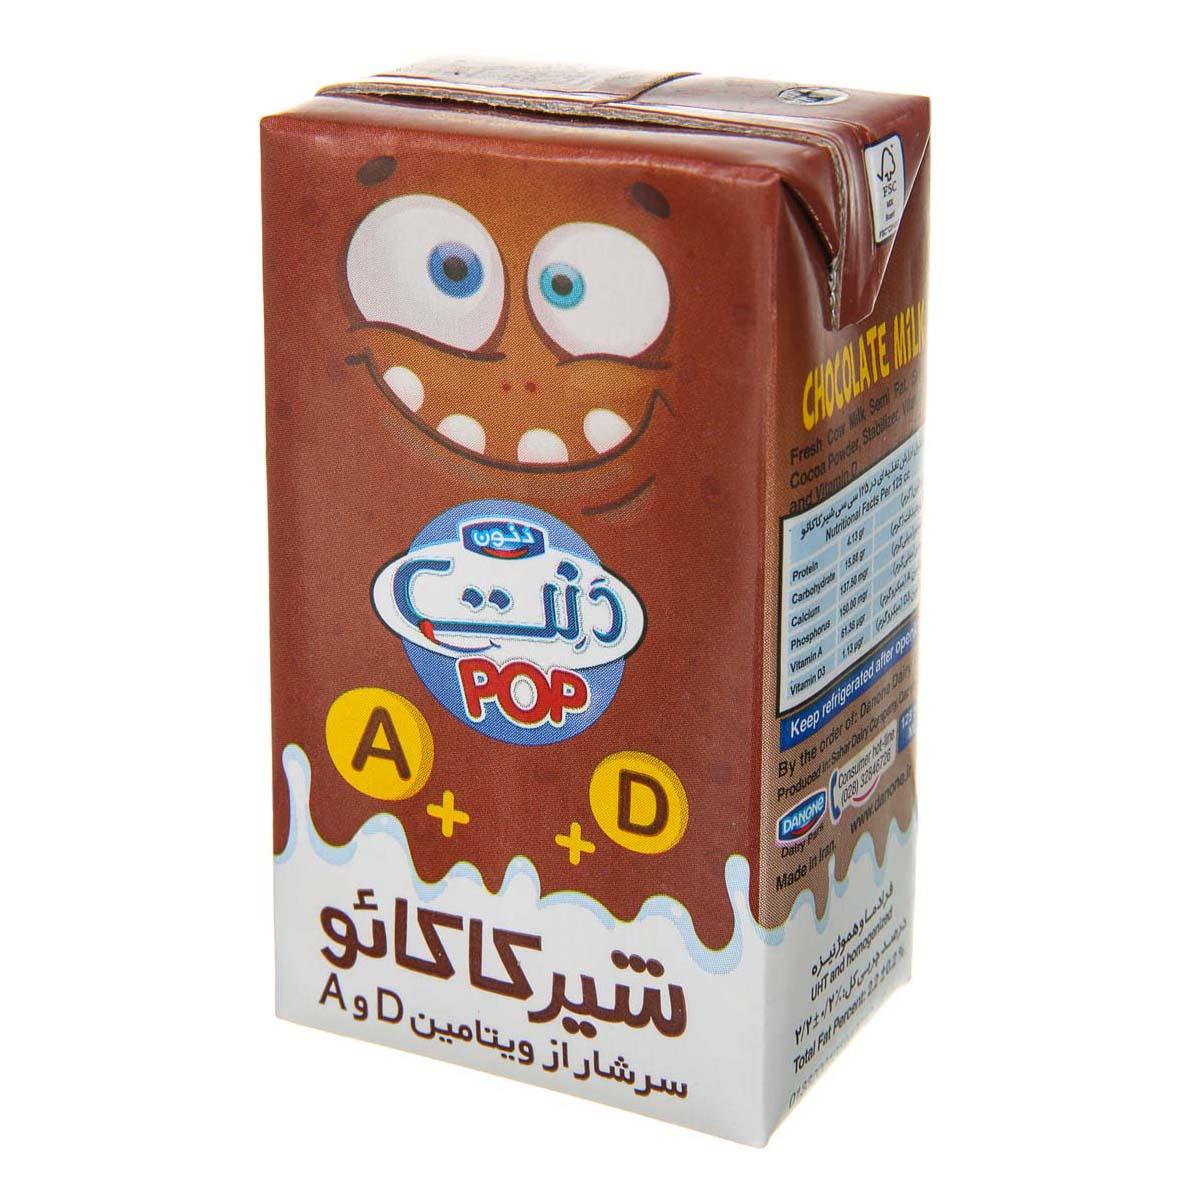 شیر کاکائو ۱۲۵ میلیلیتری دنت